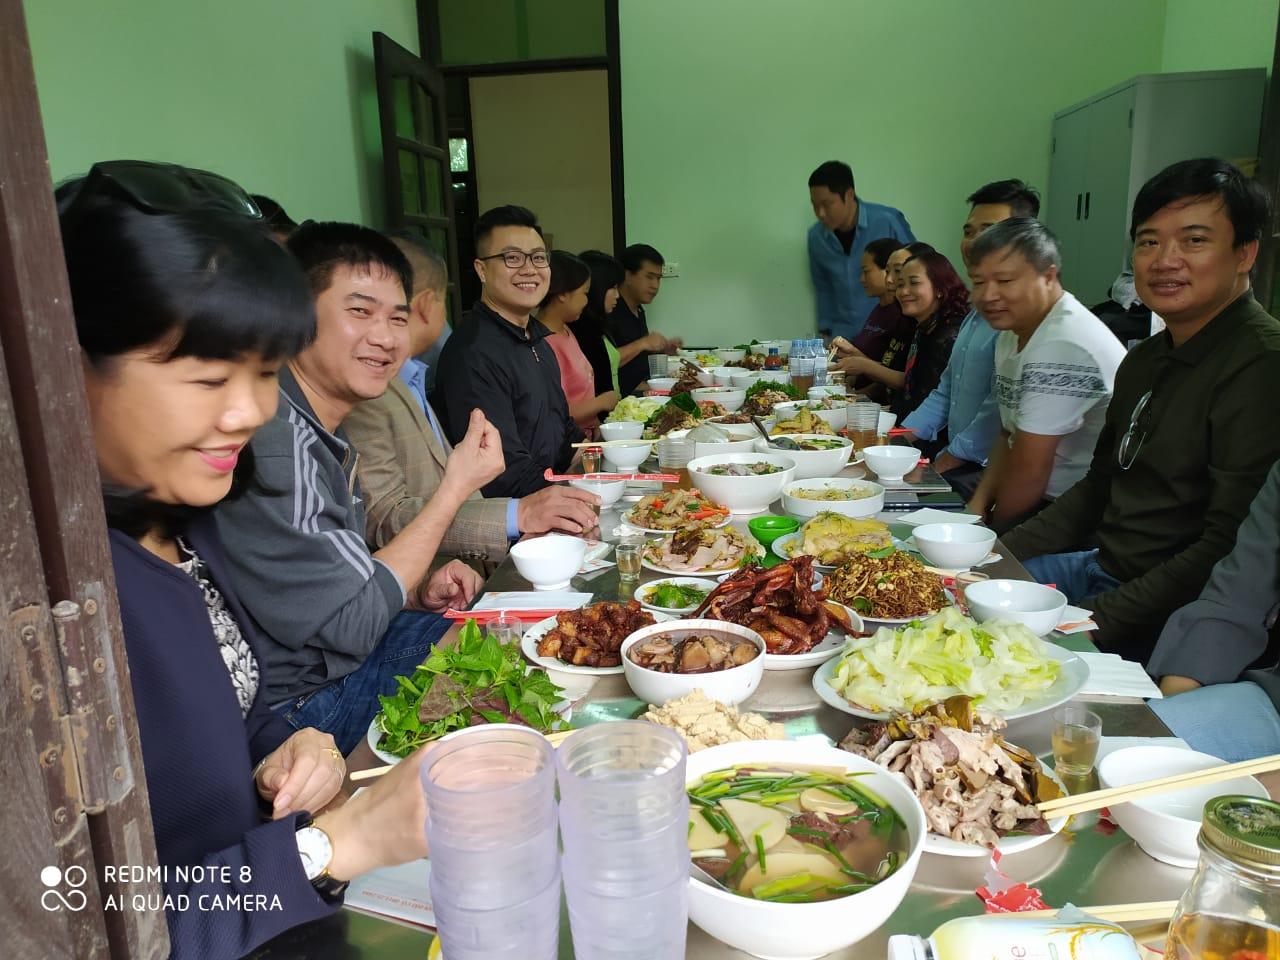 Đặt Nấu Cỗ Tại Nhà Ở Mê Linh 0386091000 Phục Vụ 8 Mâm Nhà Anh Trí